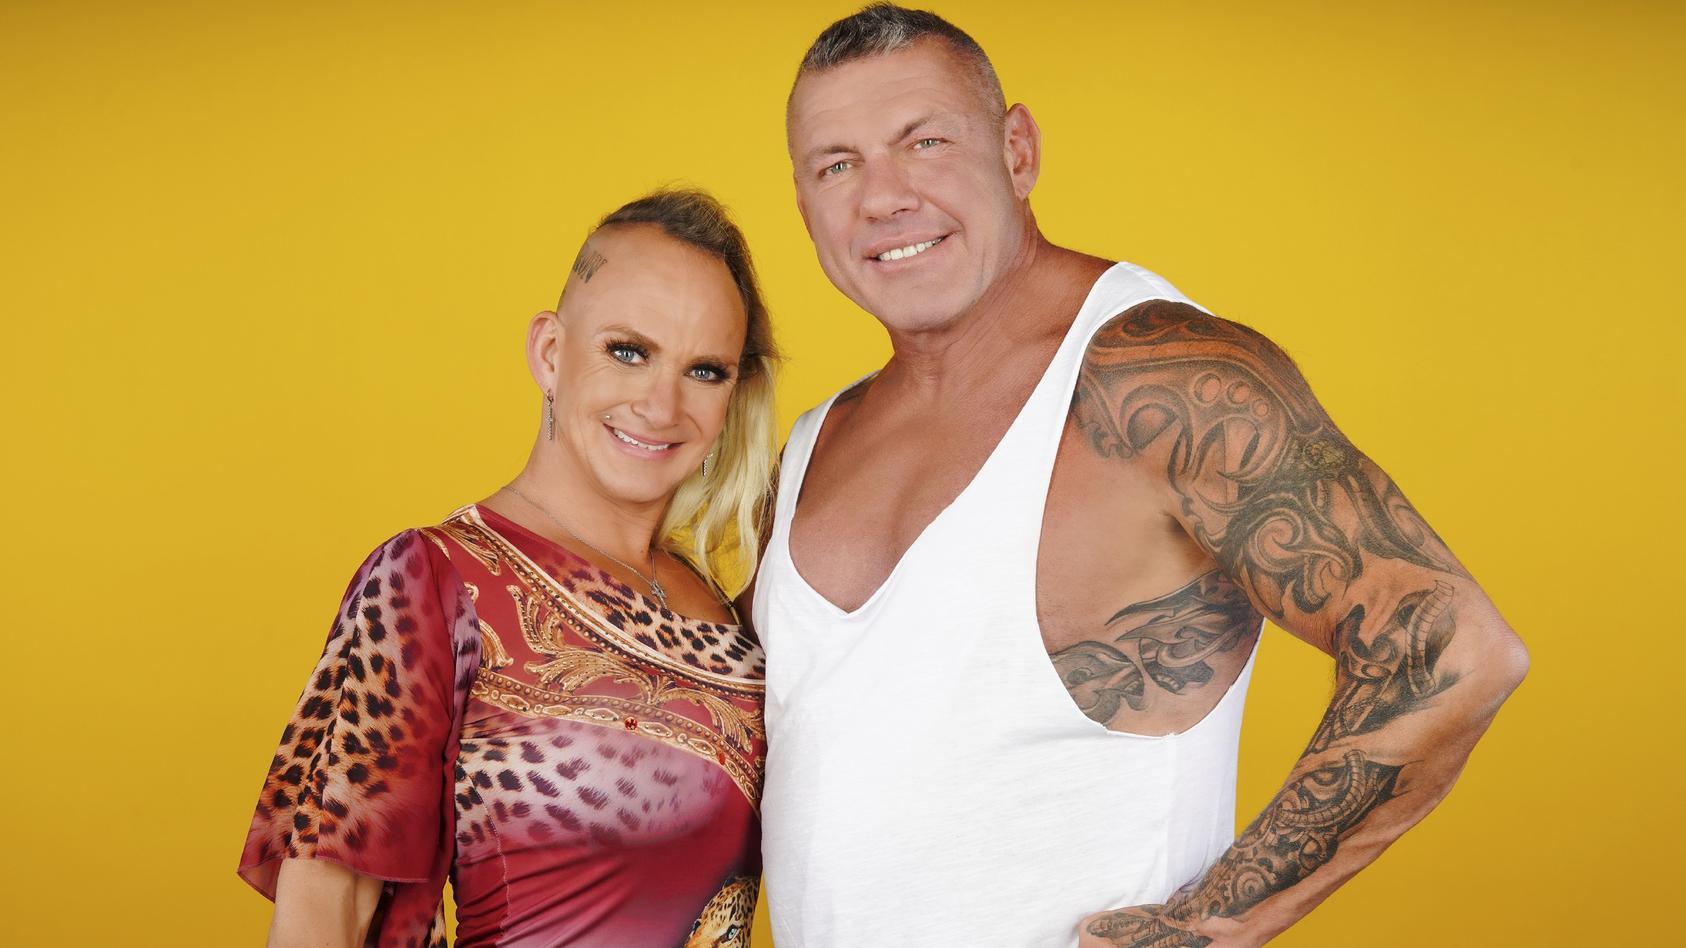 Caro und Andreas Robens haben sich über die Jahre ganz schön verändert.